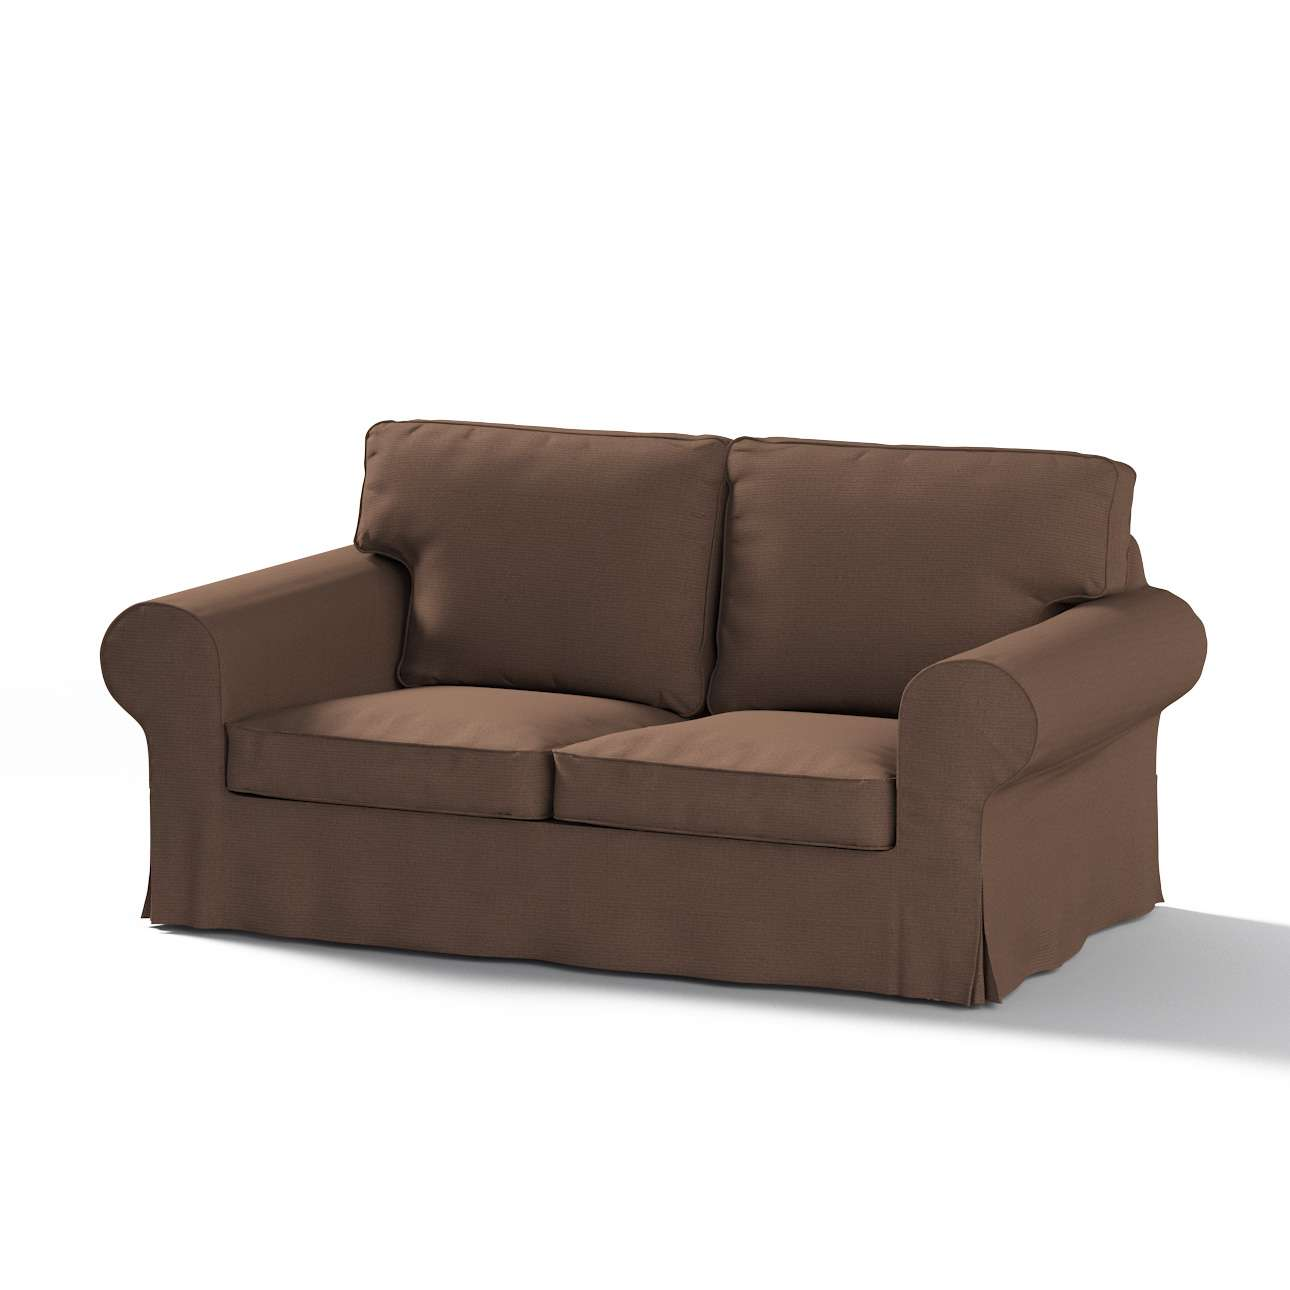 Ektorp 2-Sitzer Sofabezug nicht ausklappbar Sofabezug für  Ektorp 2-Sitzer nicht ausklappbar von der Kollektion Etna, Stoff: 705-08